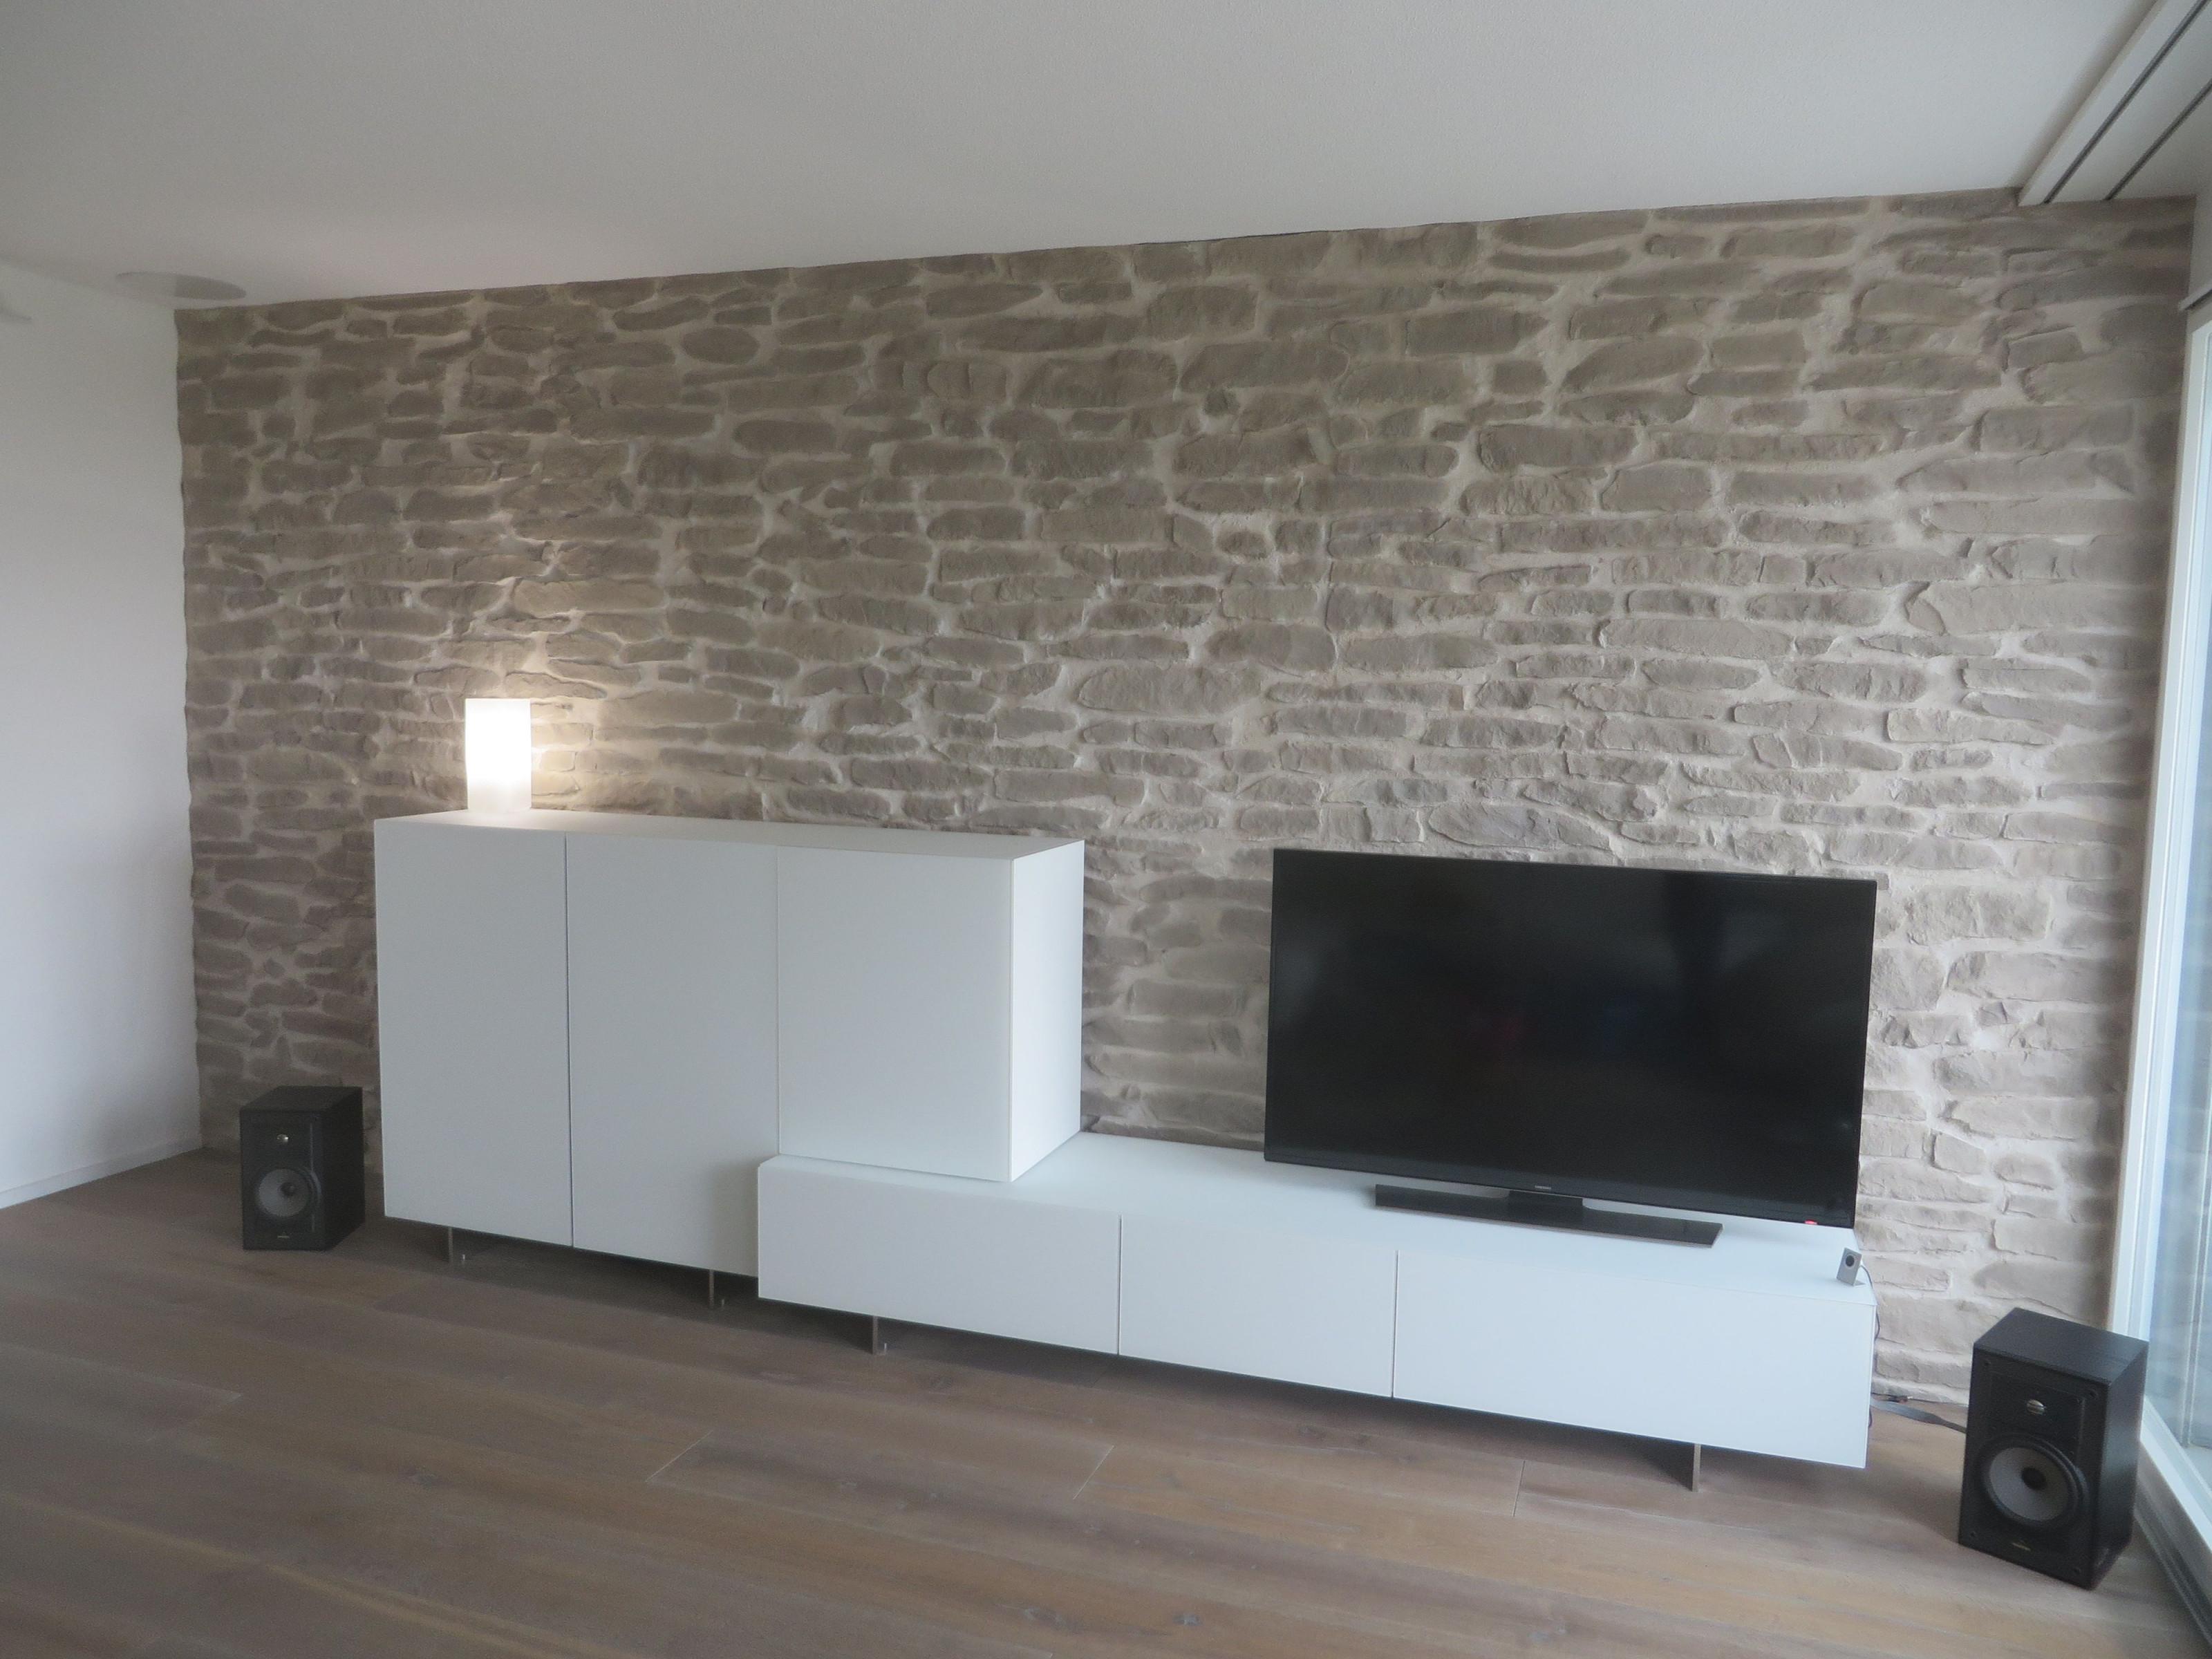 Wohnzimmerwand Steinoptik Lajas  Wandgestaltung Wohnzimmer von Bilder Für Wohnzimmer Wand Bild